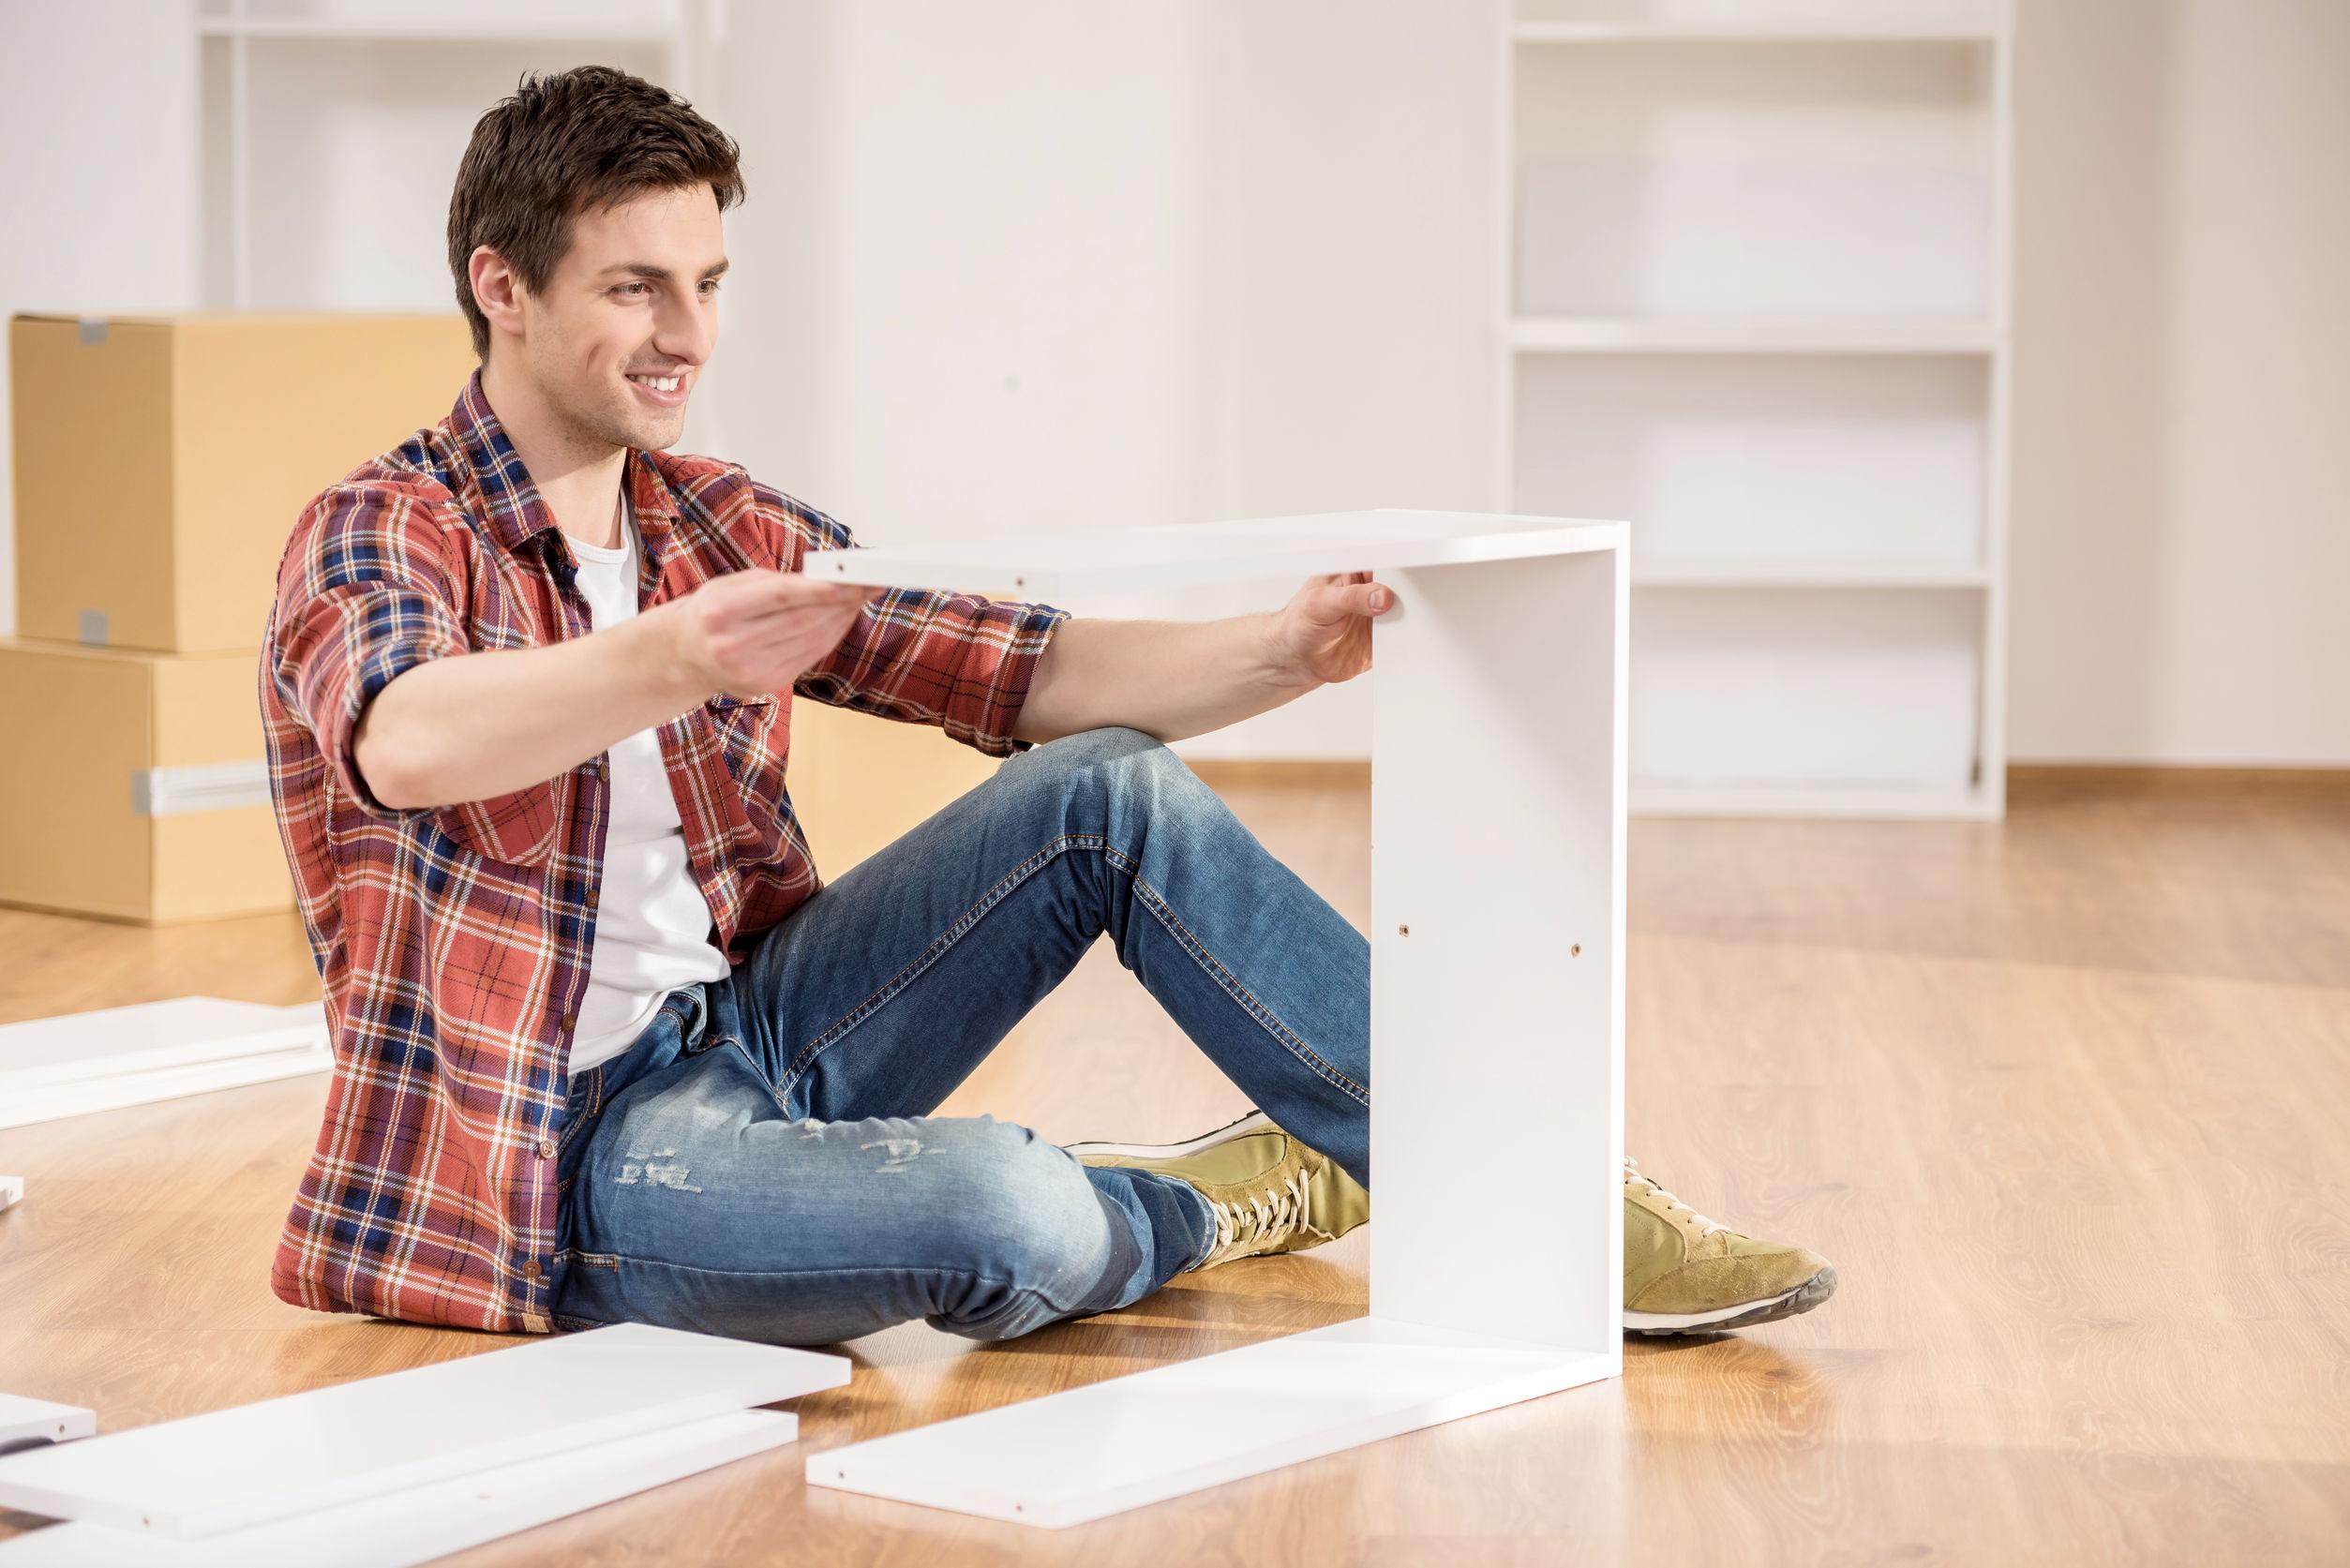 ikea us lance un service d 39 assemblage de ses. Black Bedroom Furniture Sets. Home Design Ideas